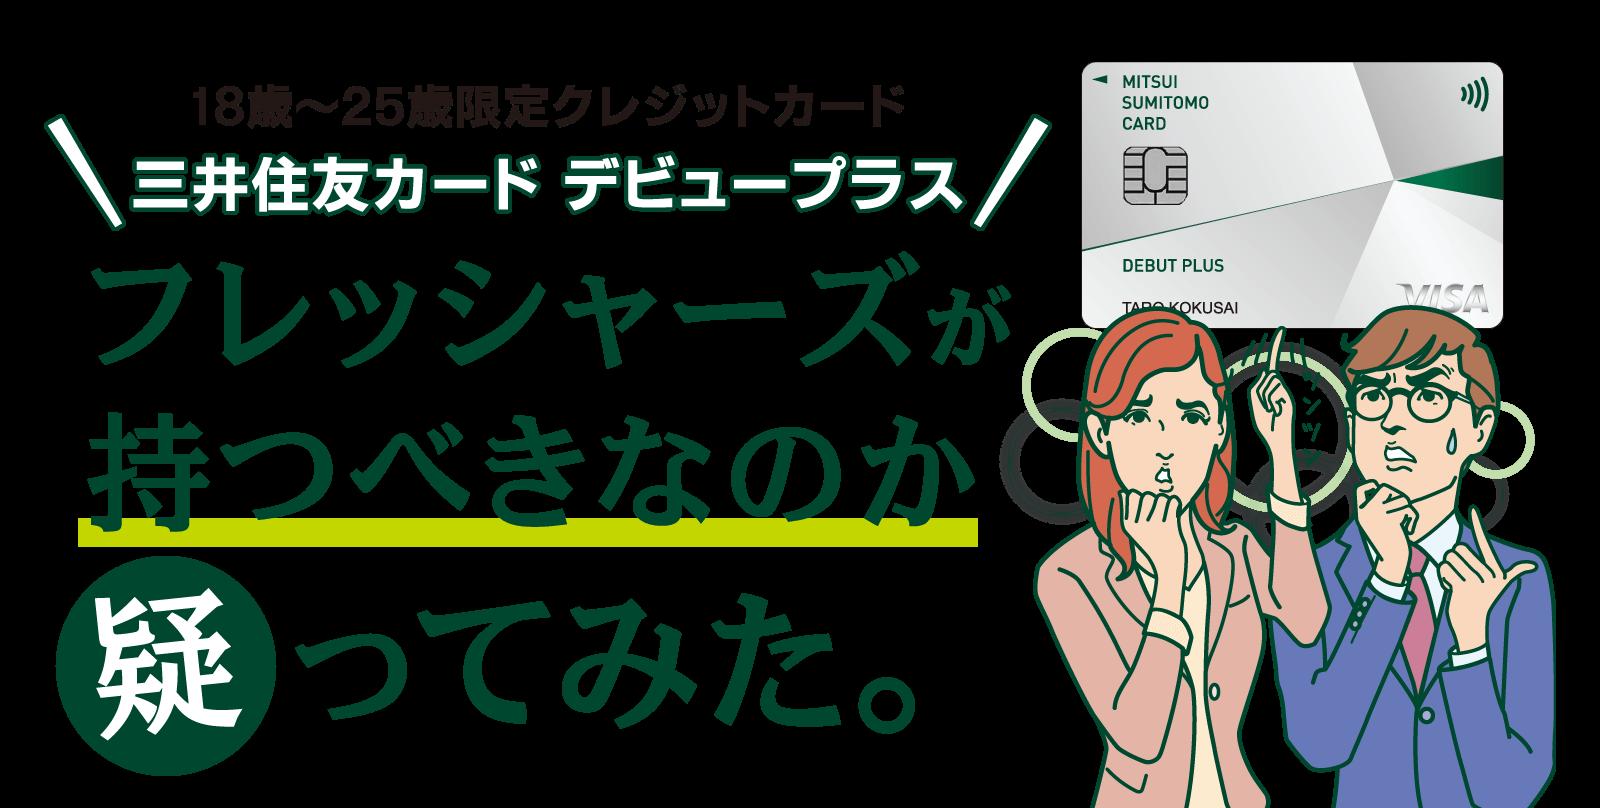 【18~25歳限定クレカ】三井住友カード デビュープラスって?フレッシャーズが持つべきなのか疑ってみた。